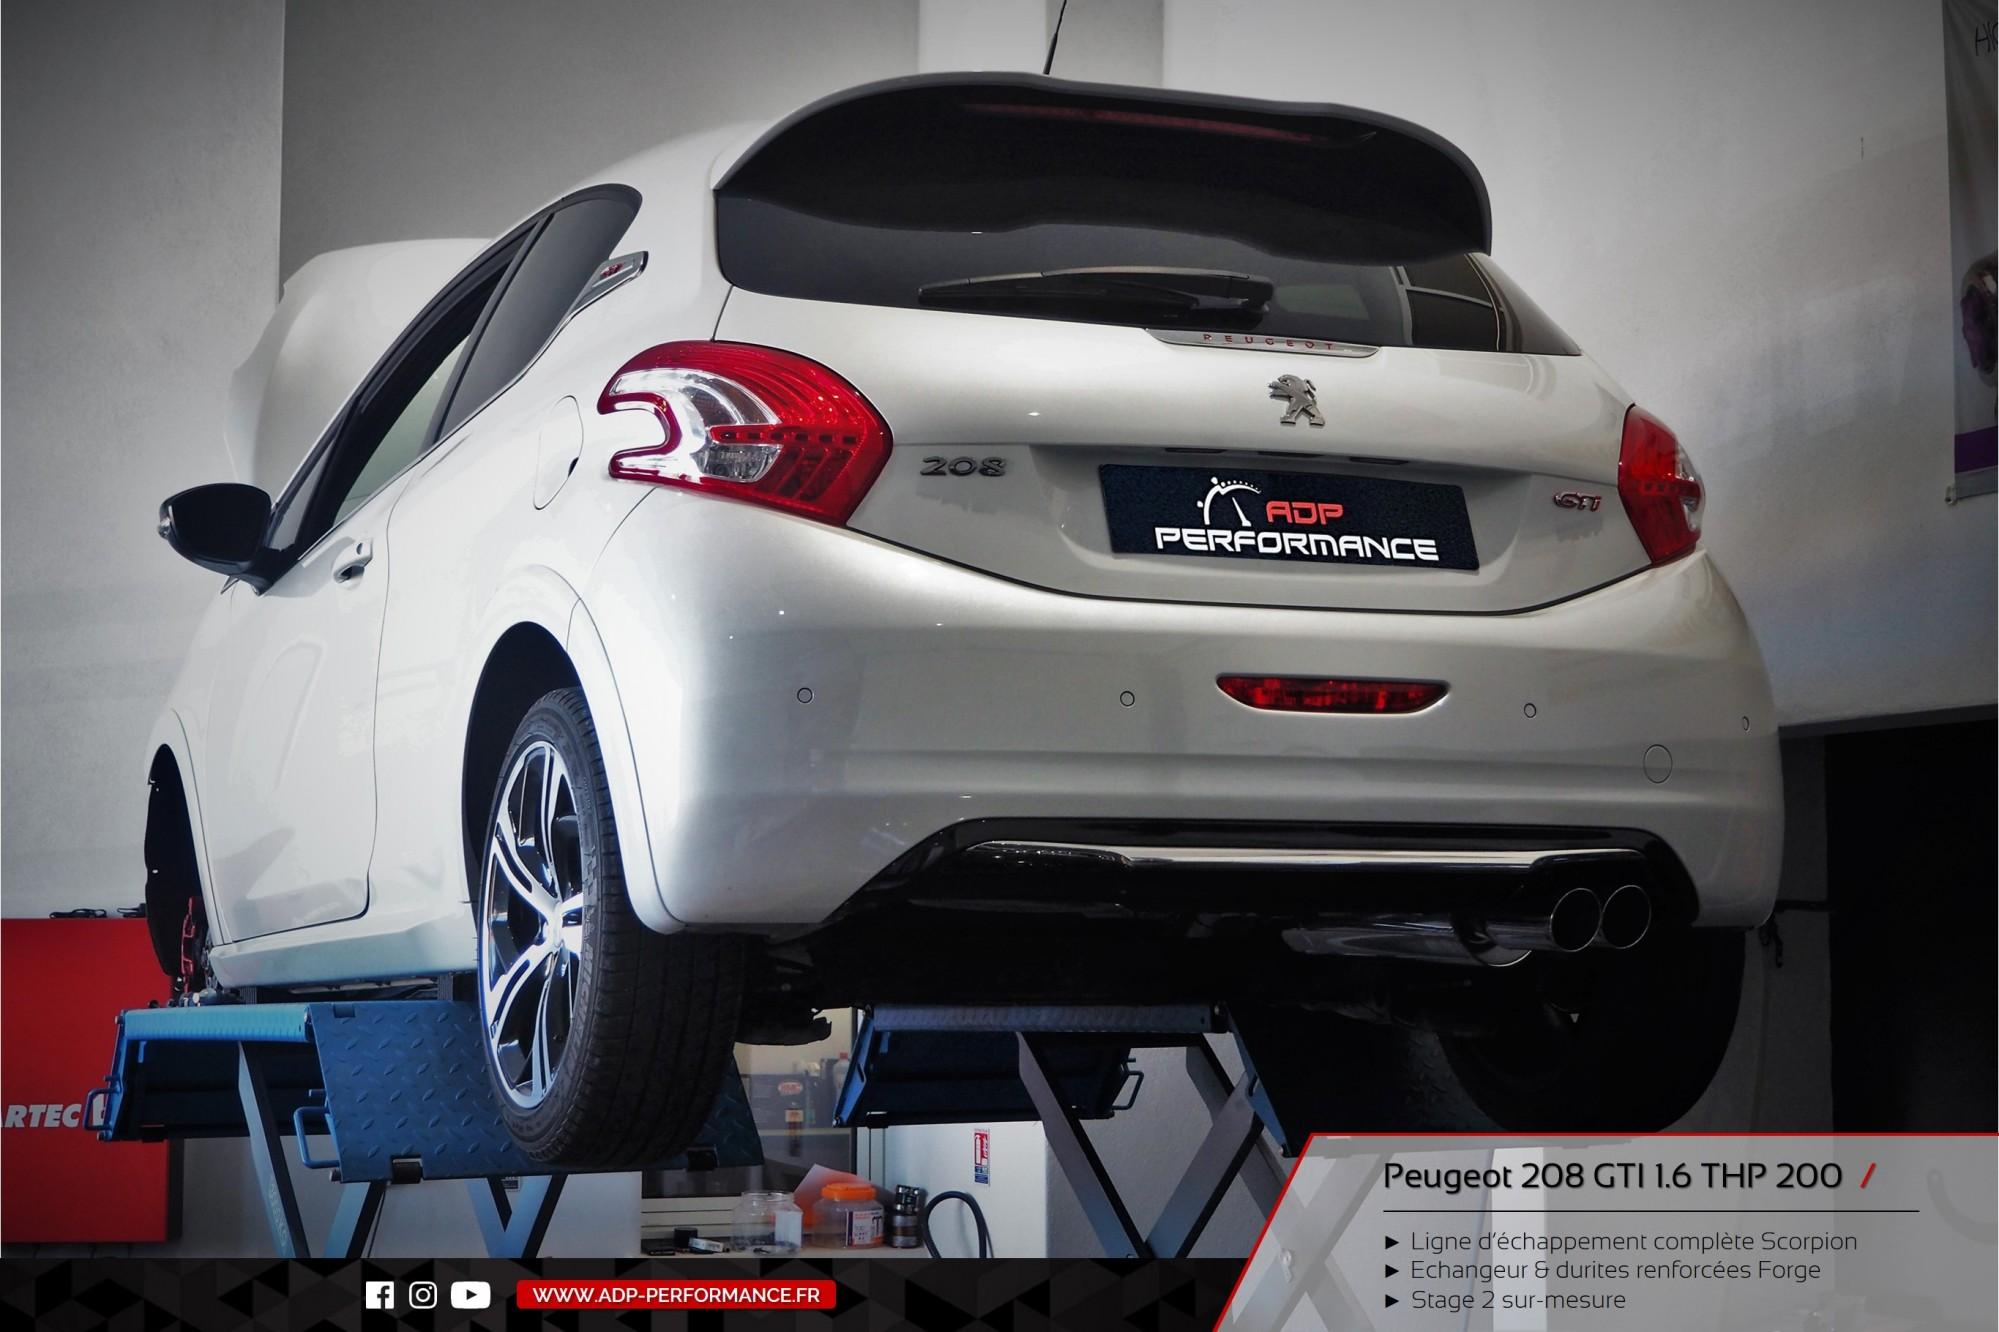 Ligne d'échappement Scorpion Peugeot 208 GTI 1.6 THP 200cv Nimes - ADP Performance